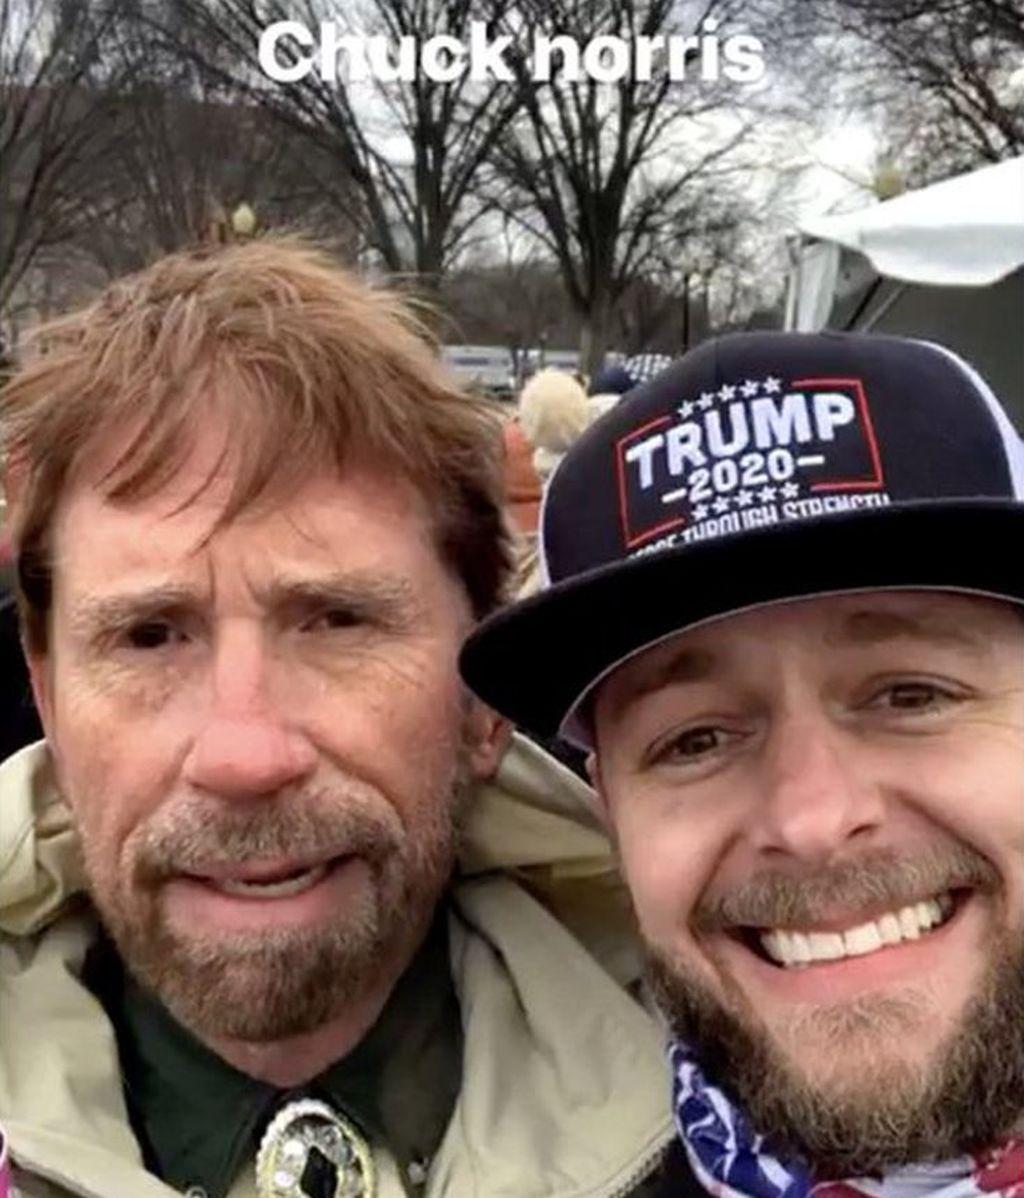 El hombre que guarda gran parecido a Chuck Norris